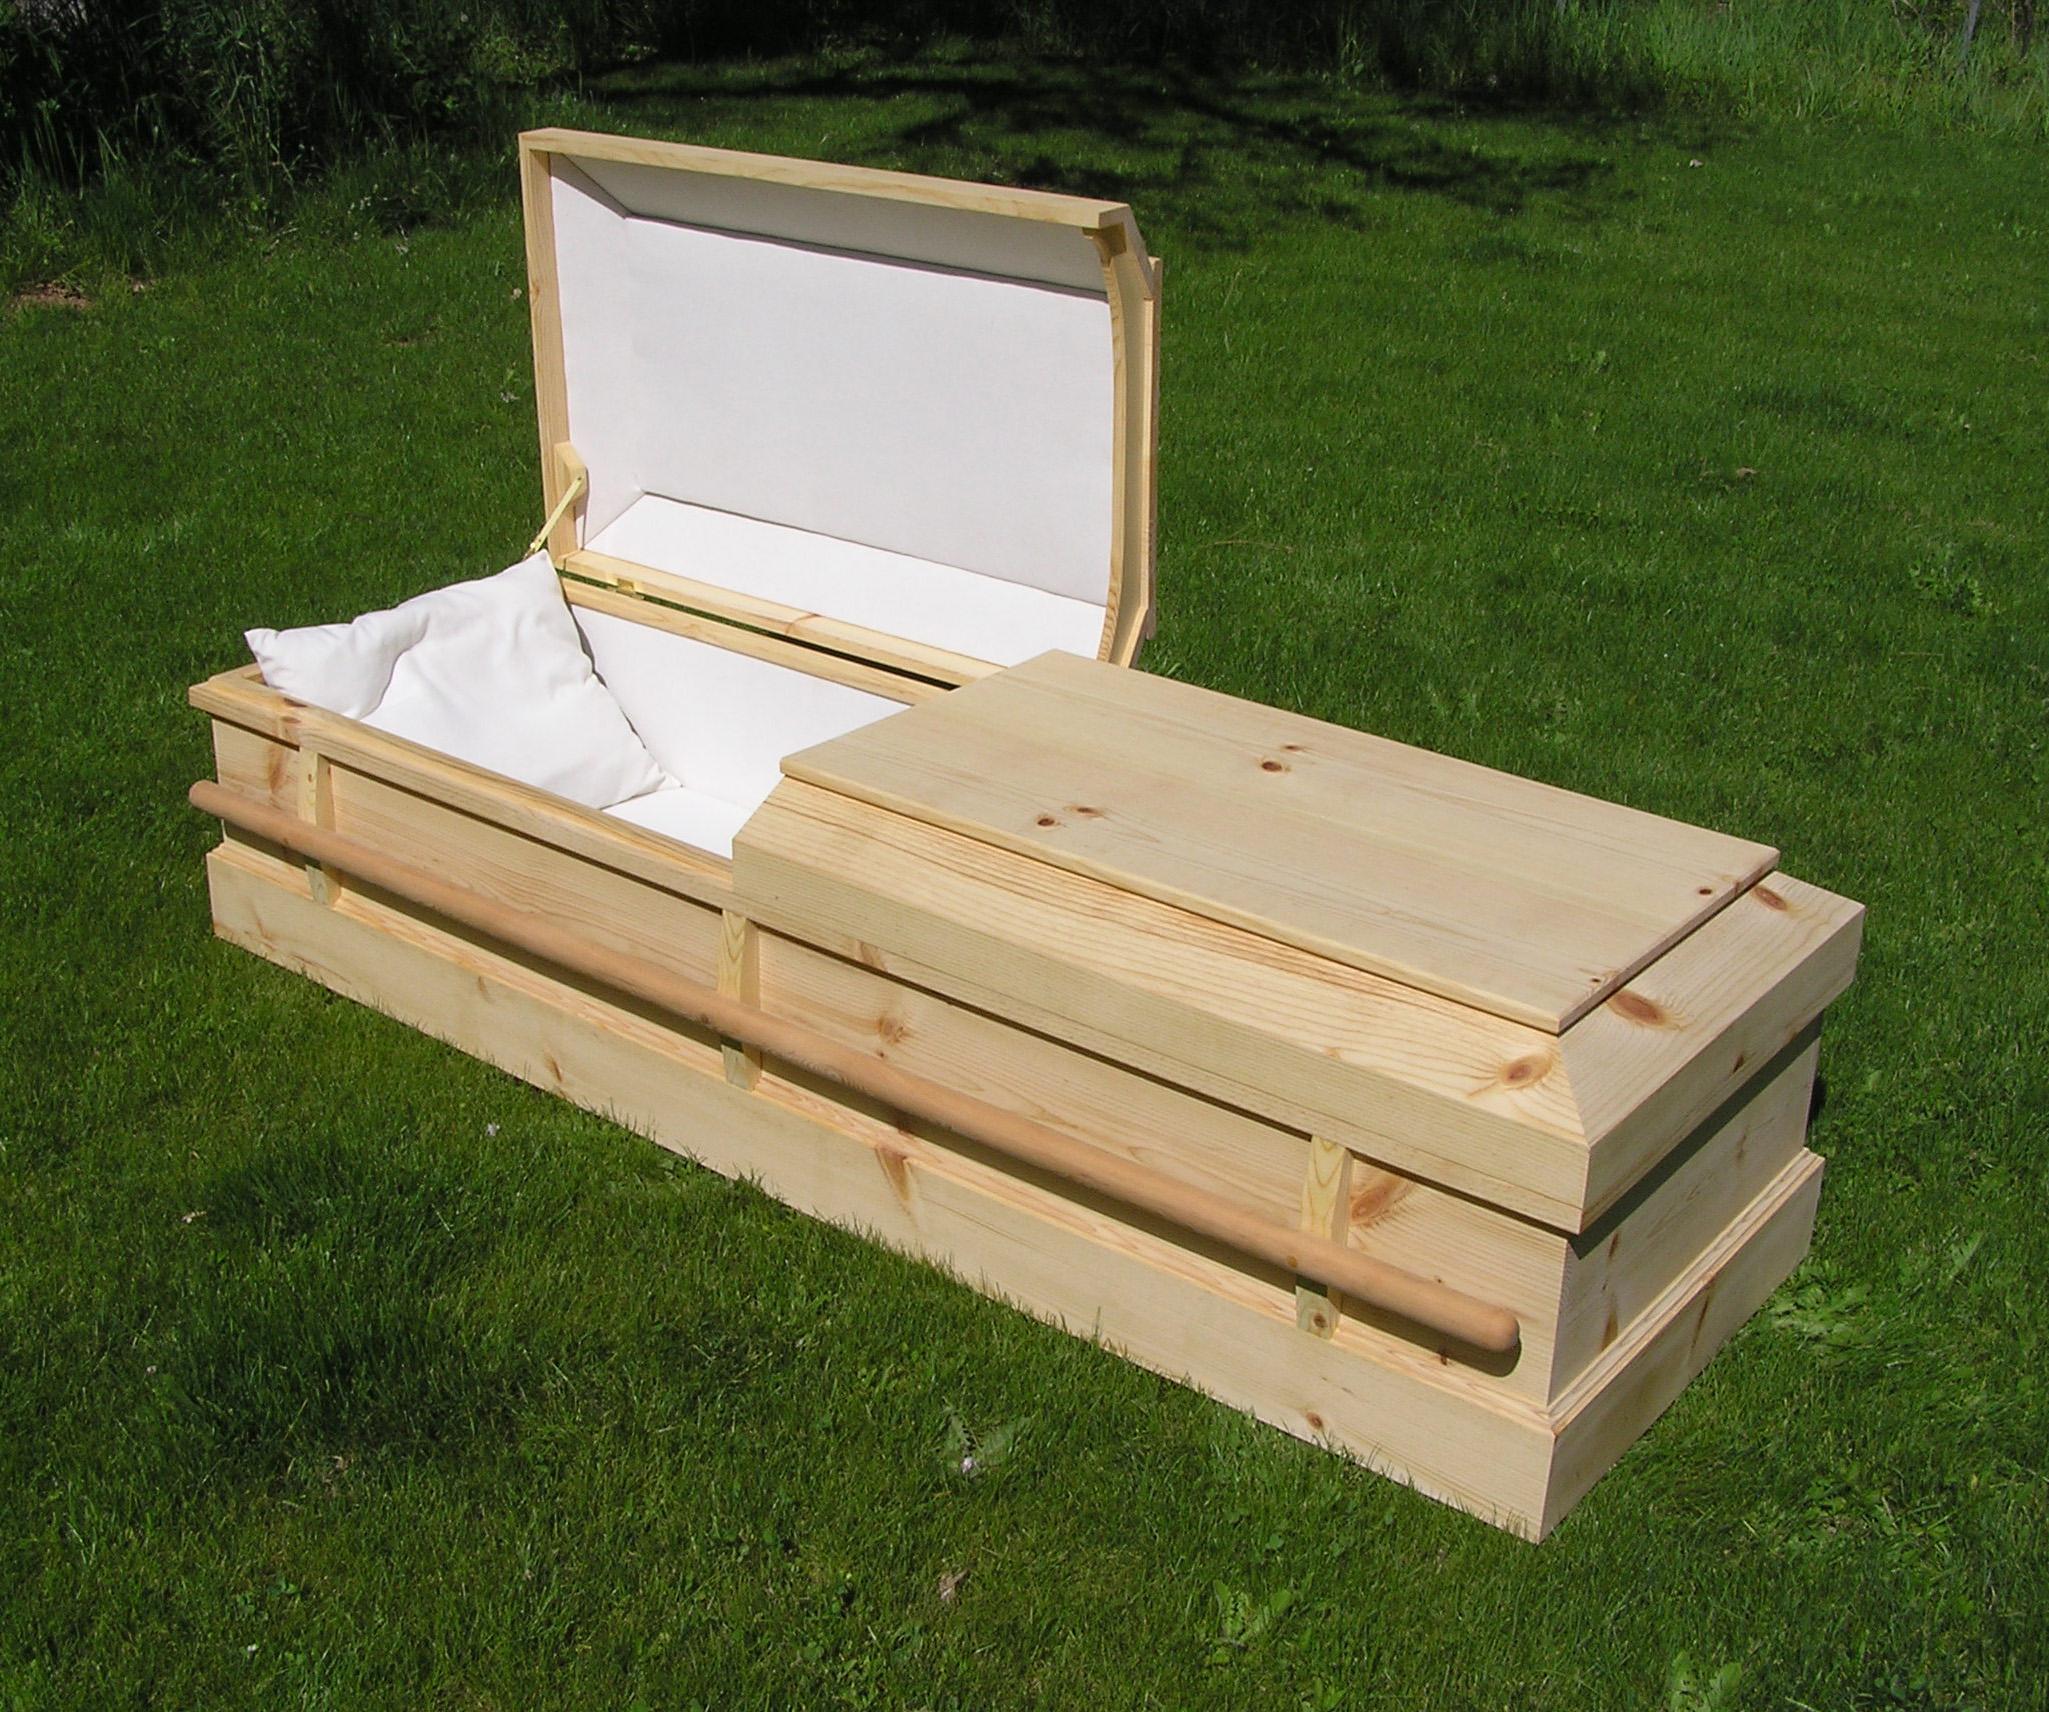 Pine Box Casket Burial Caskets Pine Box Kits Pictures